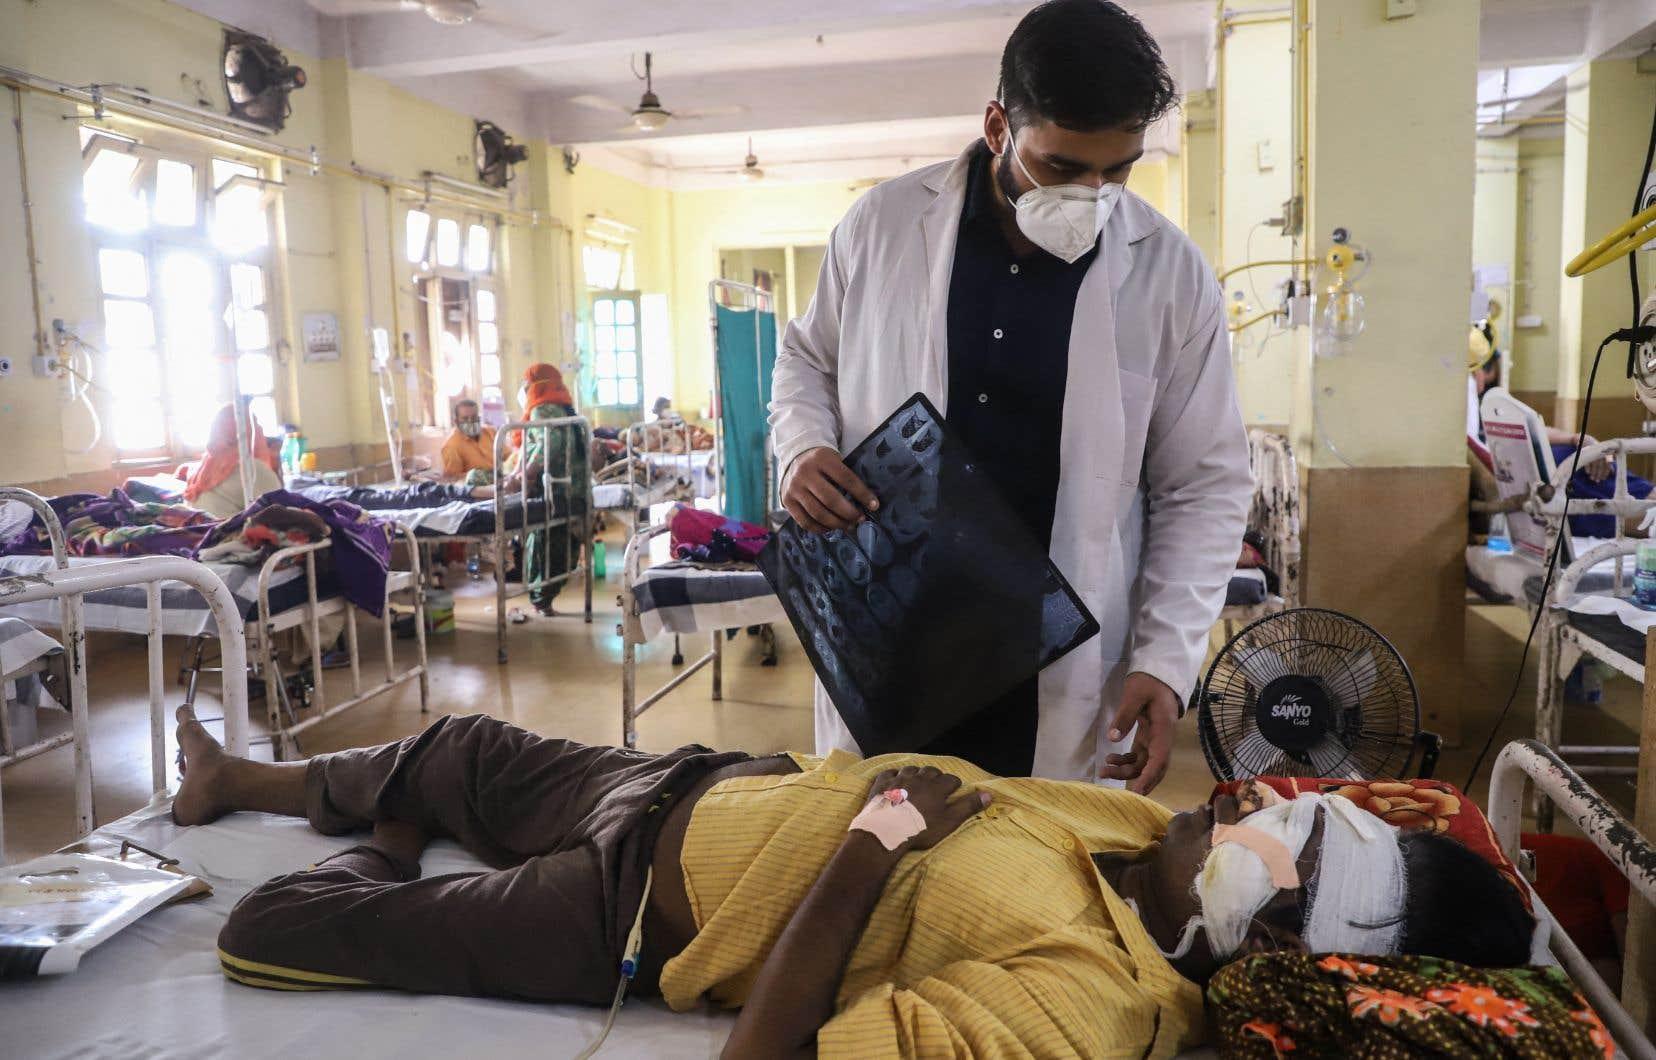 Les autorités du pays ont signalé des milliers de cas de mucormycose, communément appelée «champignon noir», que les spécialistes lient au diabète et au système immunodéprimé des victimes du coronavirus.